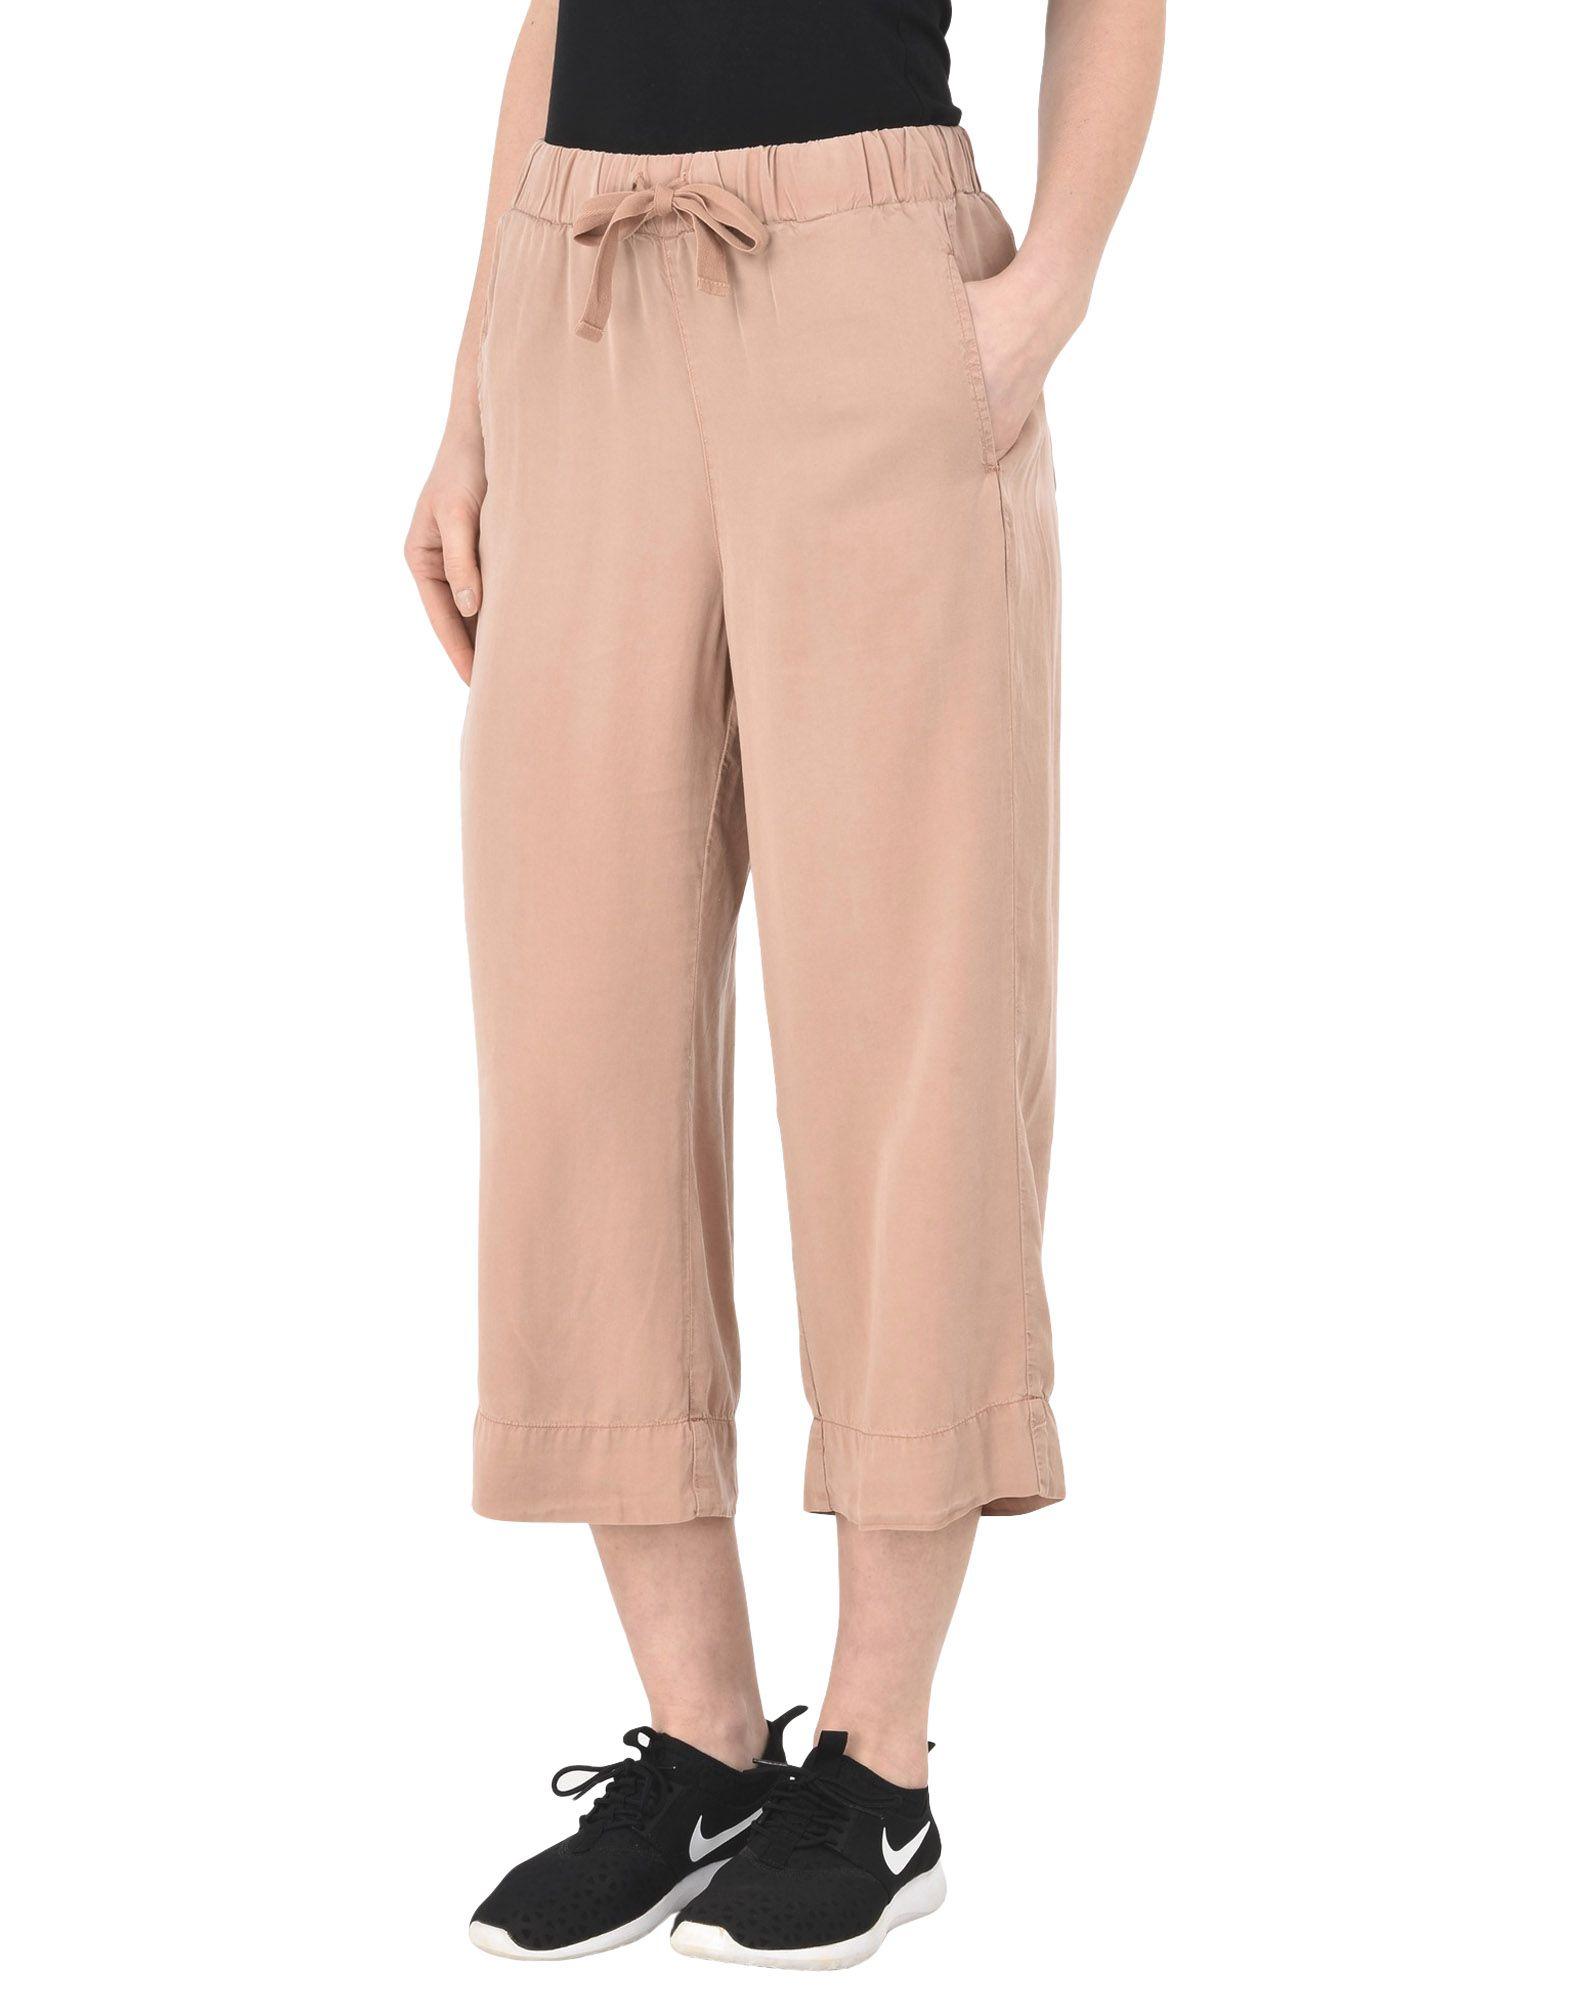 Pantalone Dritto Deha Cropped Wide Leg Pants - damen - 13168430FD